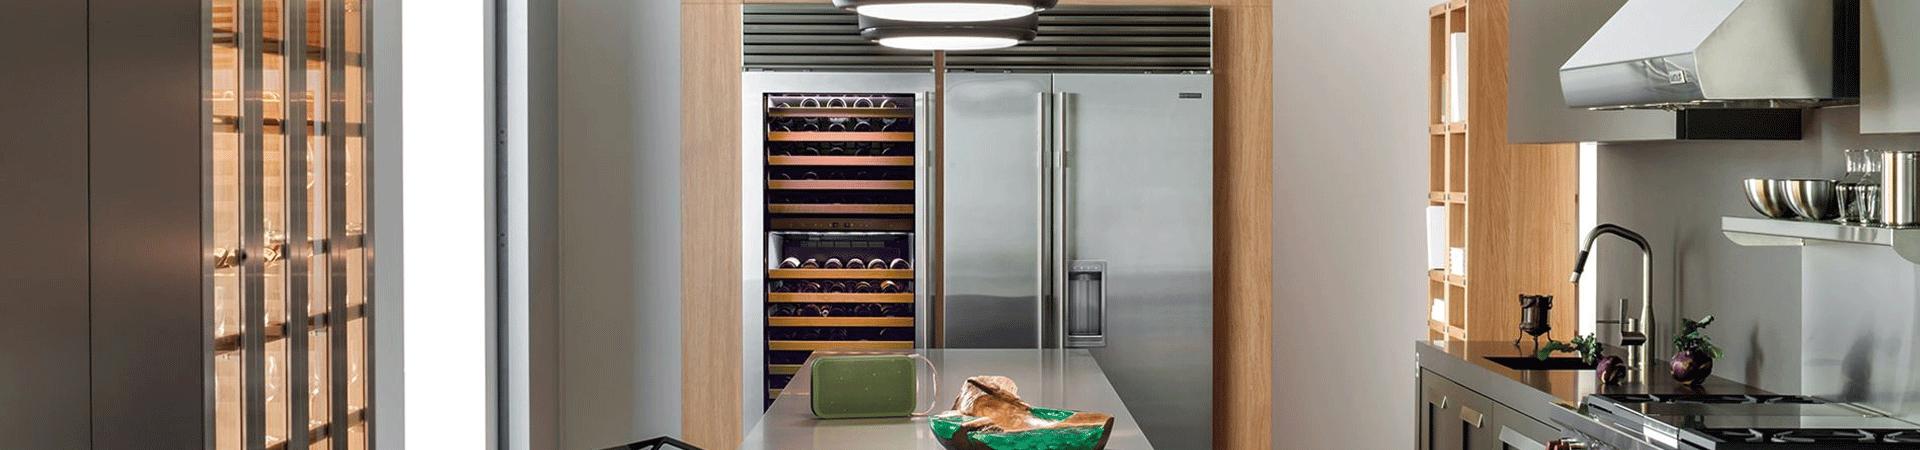 מקרר דלת ליד דלת SUB ZERO דגם BI 42SD